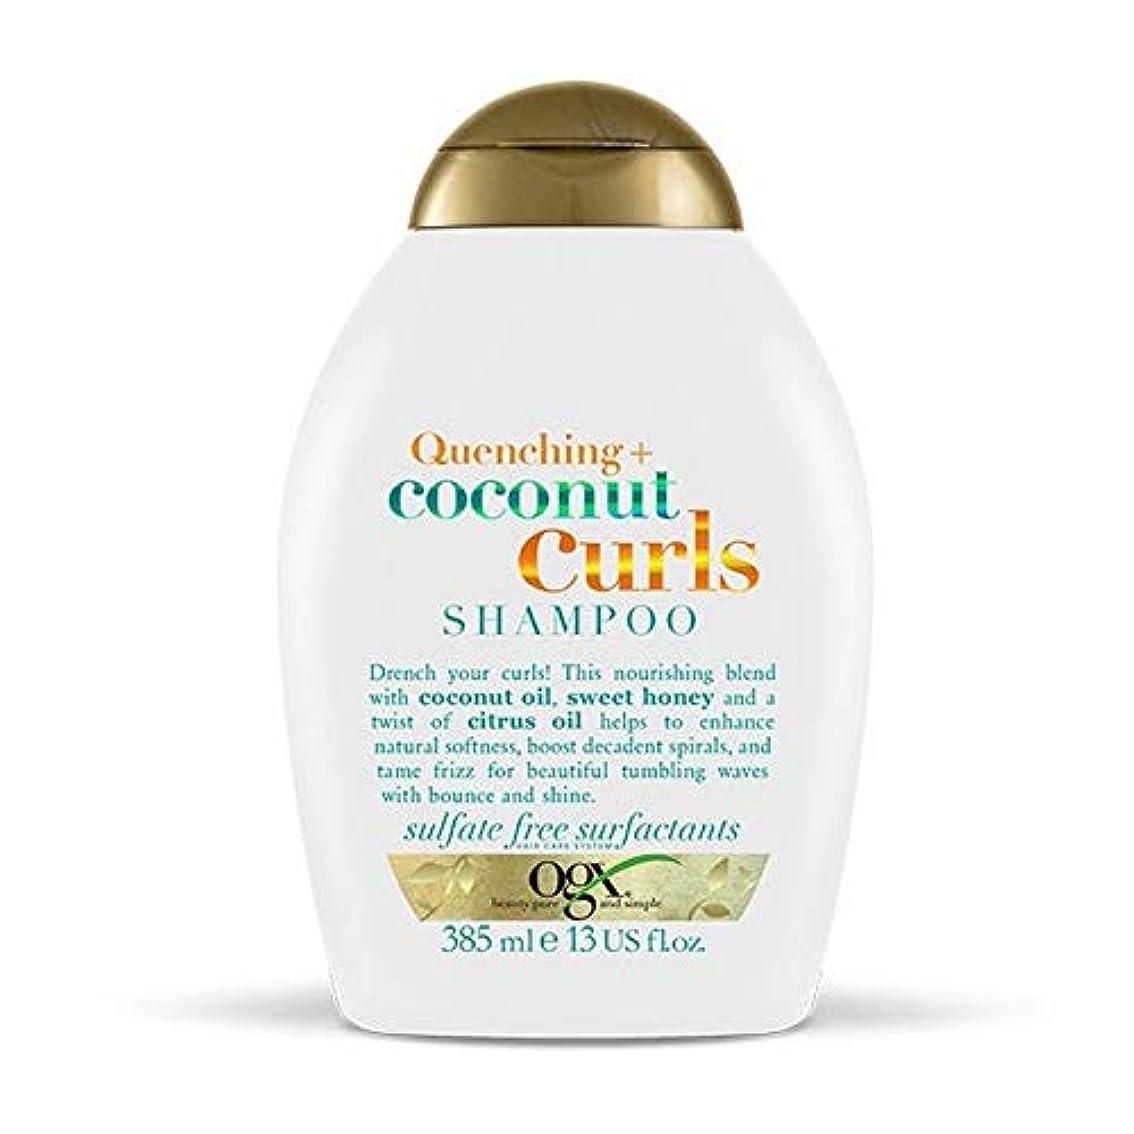 パターン規範芝生[Ogx] Ogx消光ココナッツカールシャンプー385ミリリットル - OGX Quenching Coconut Curls Shampoo 385ml [並行輸入品]